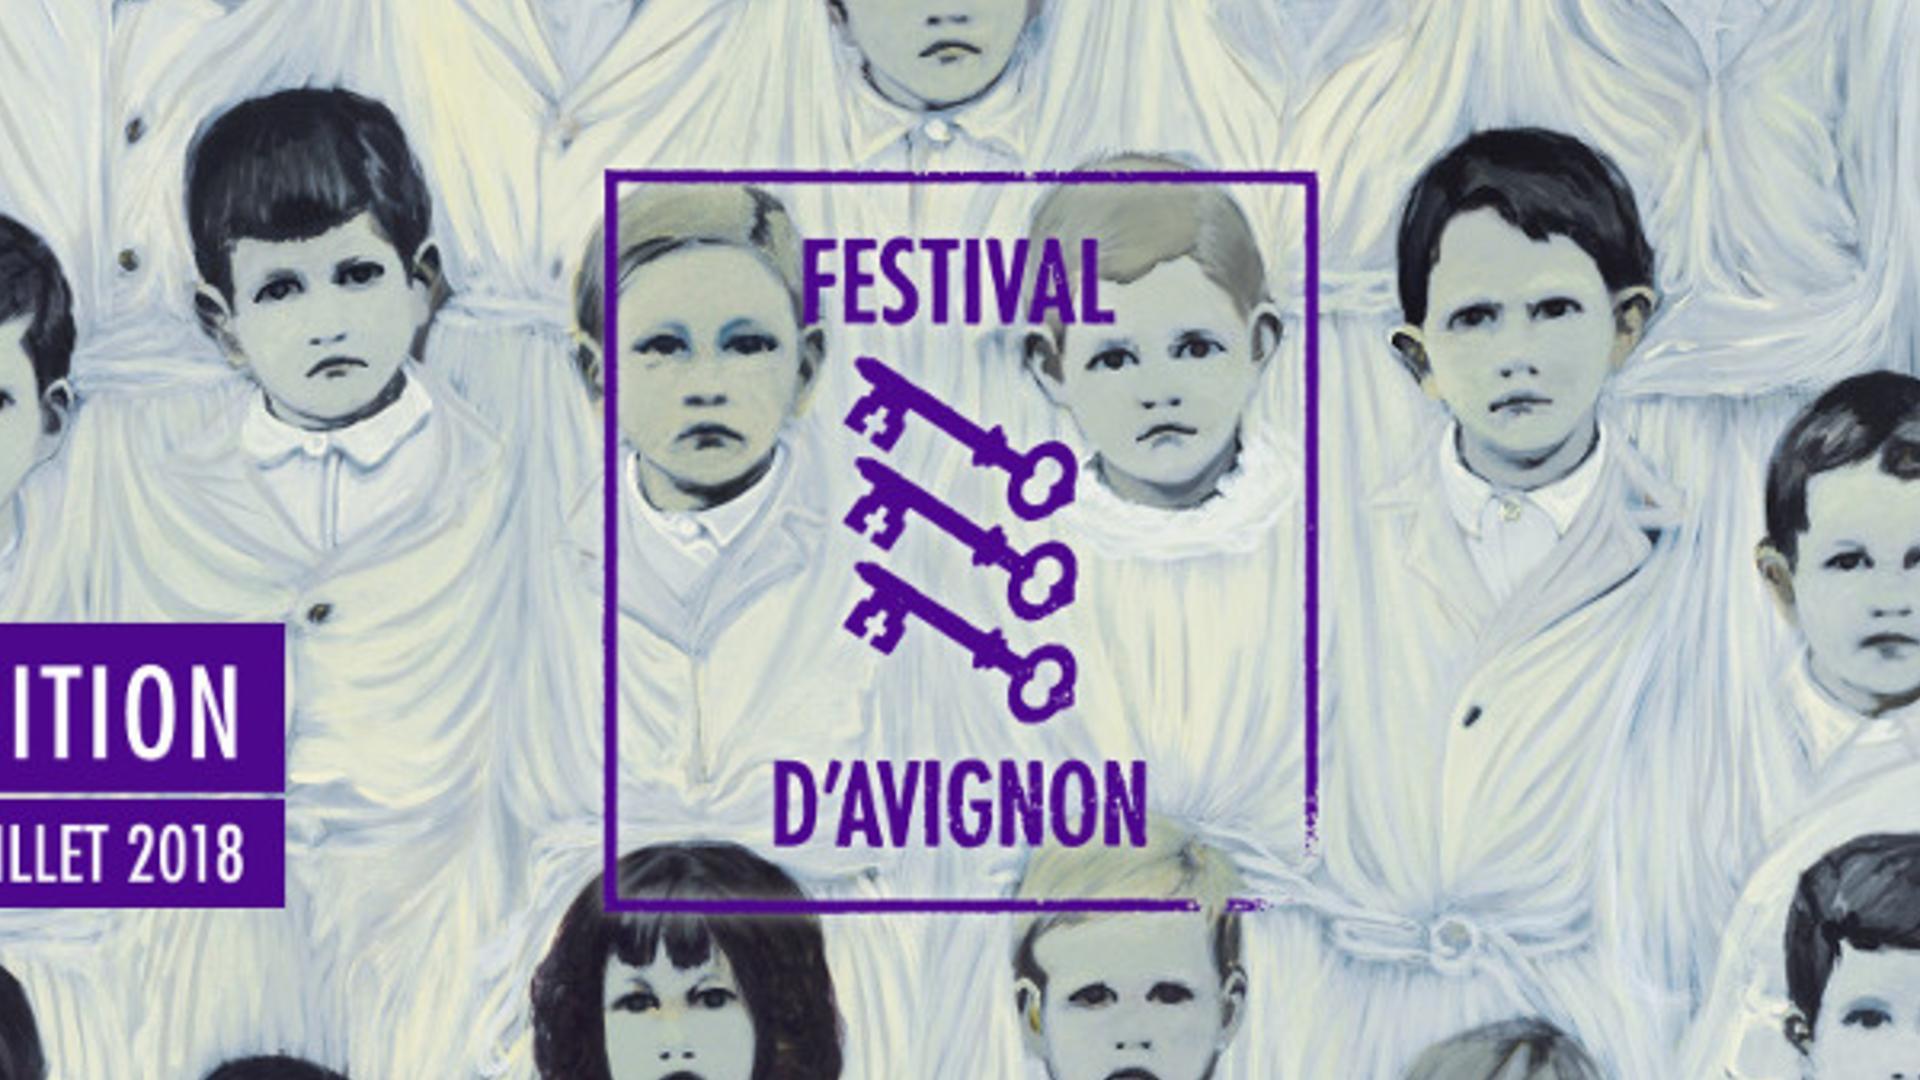 festival avignon le paris